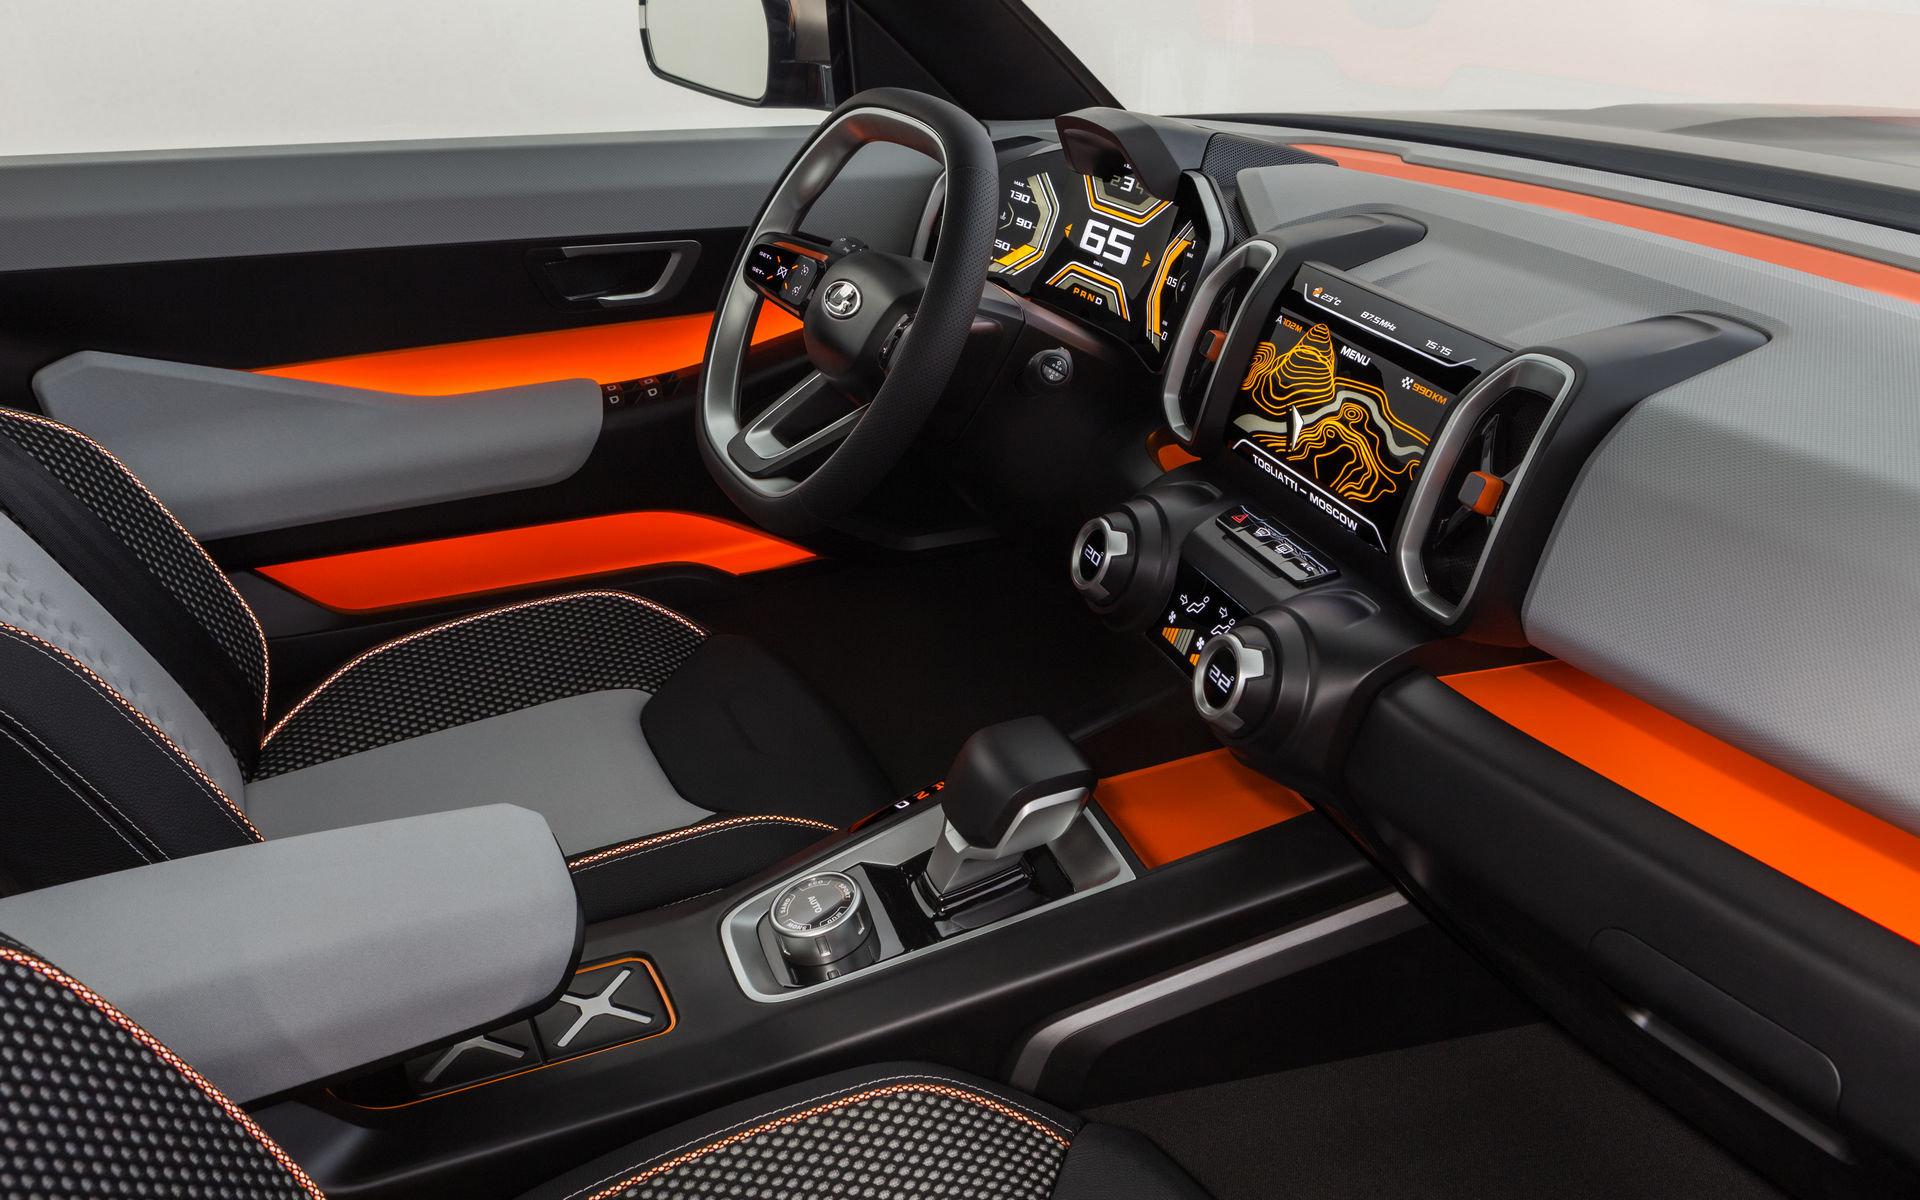 El interior del Lada 4x4 Vision